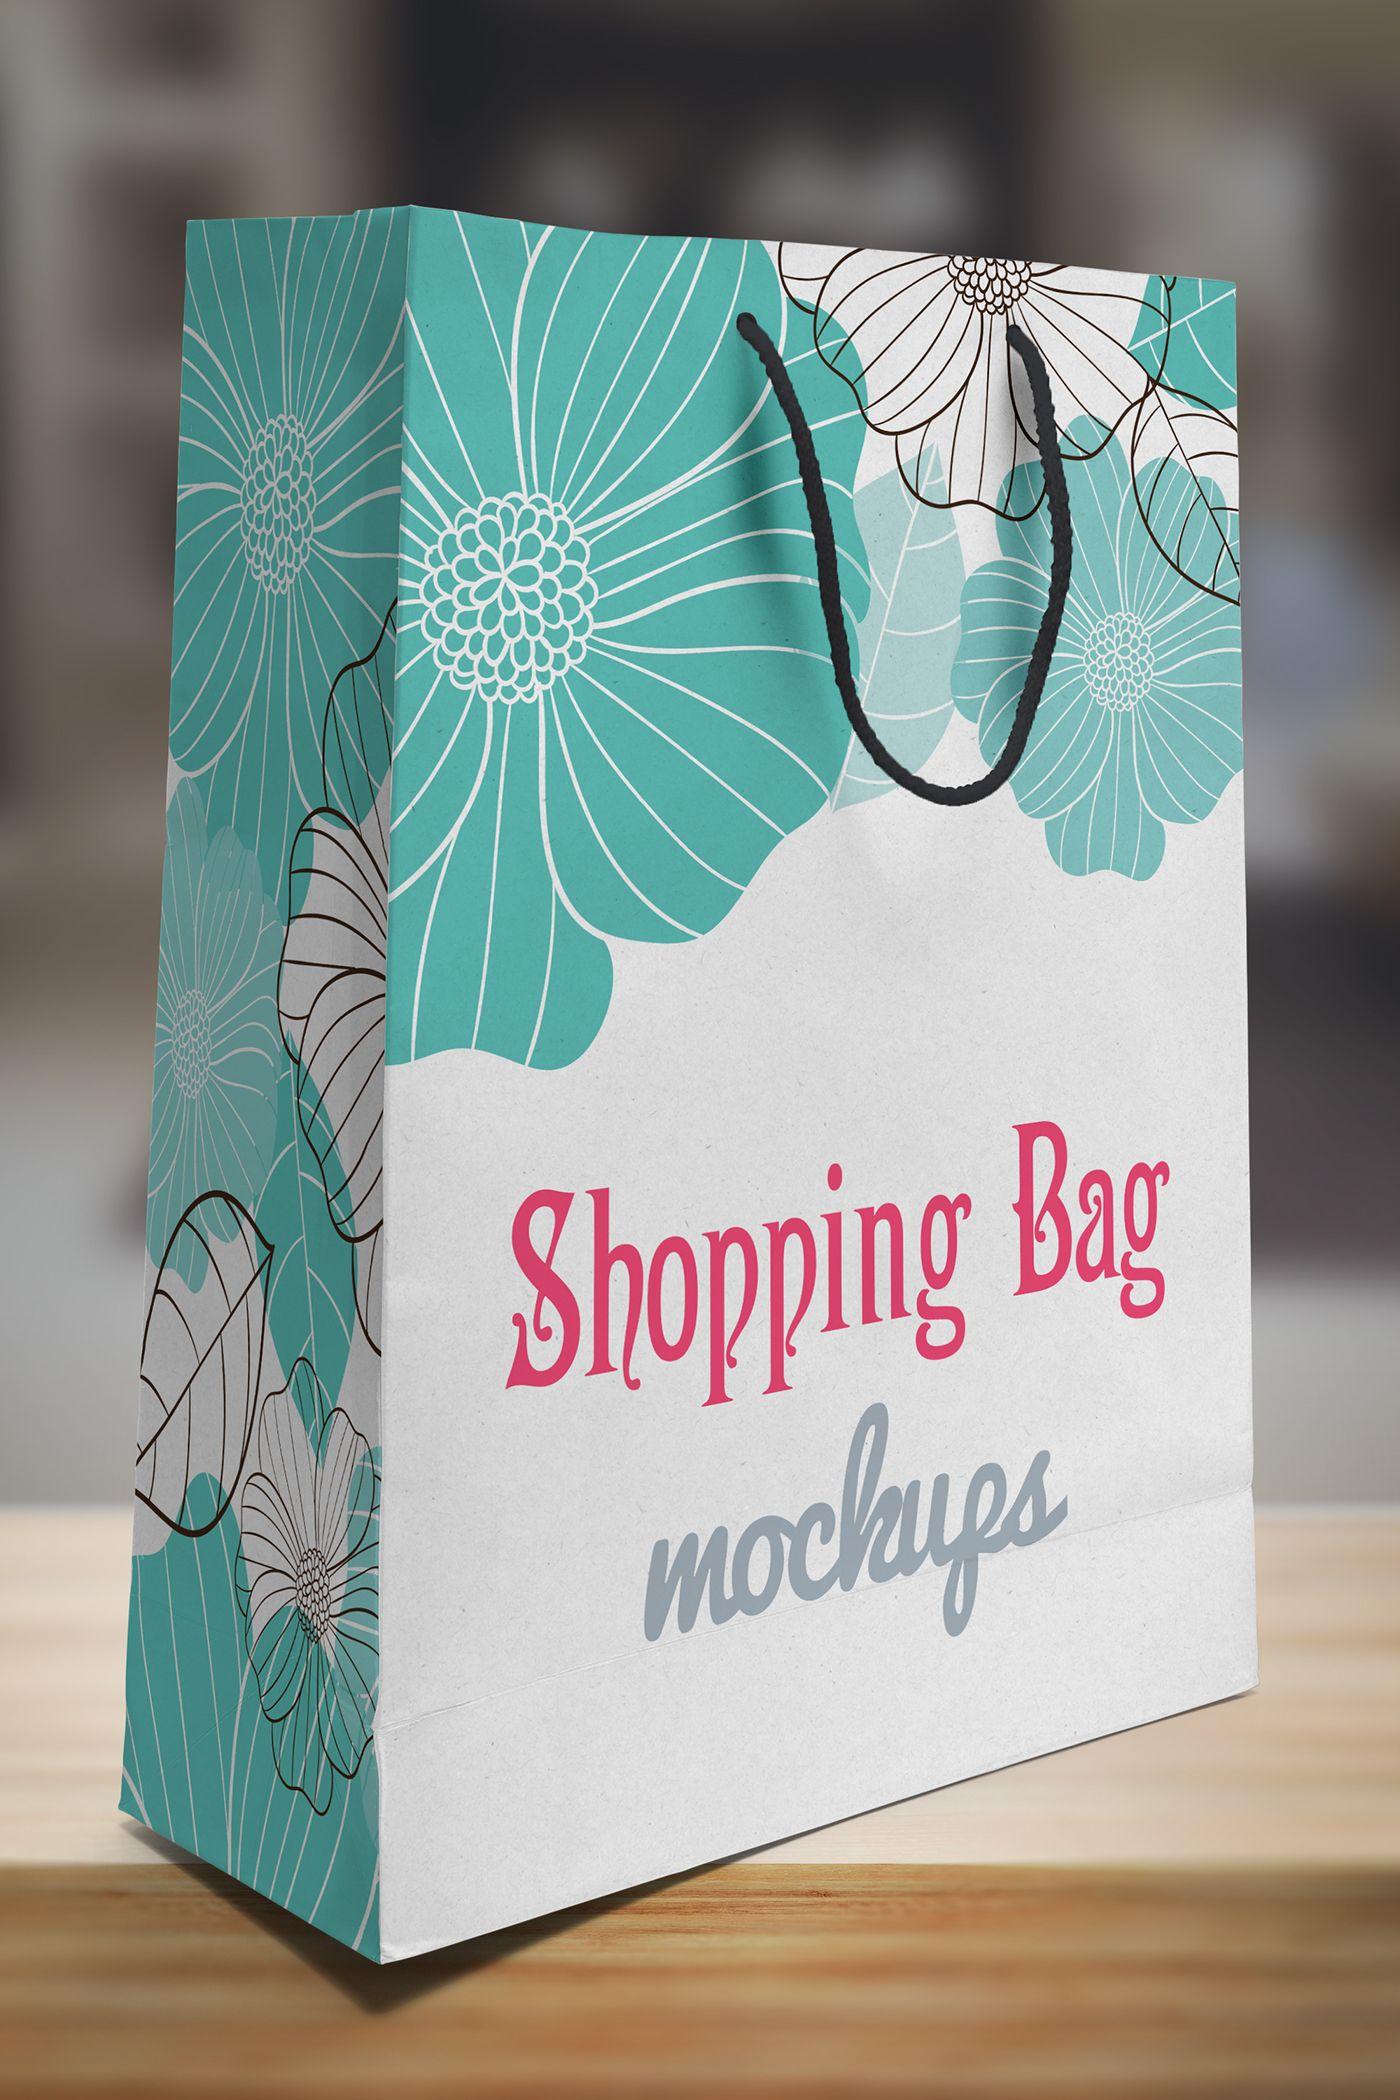 Download Paper Bag Mockup On Behance Creative Packaging Design Design Freebie Bag Mockup